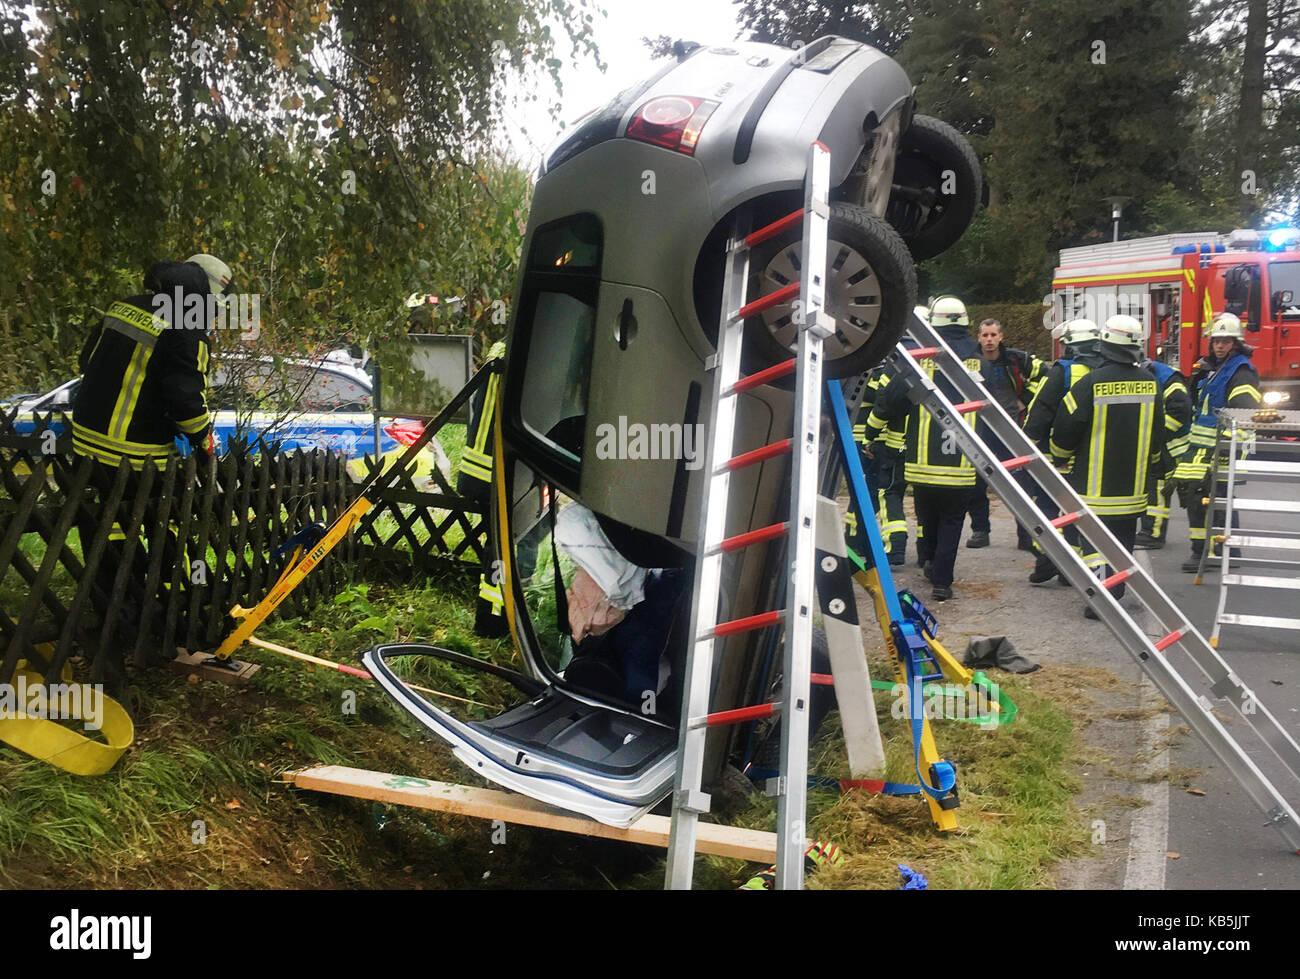 Lage, Deutschland. 27 Sep, 2017. - Arbeitsblatt A Auto bleibt Kopf ...